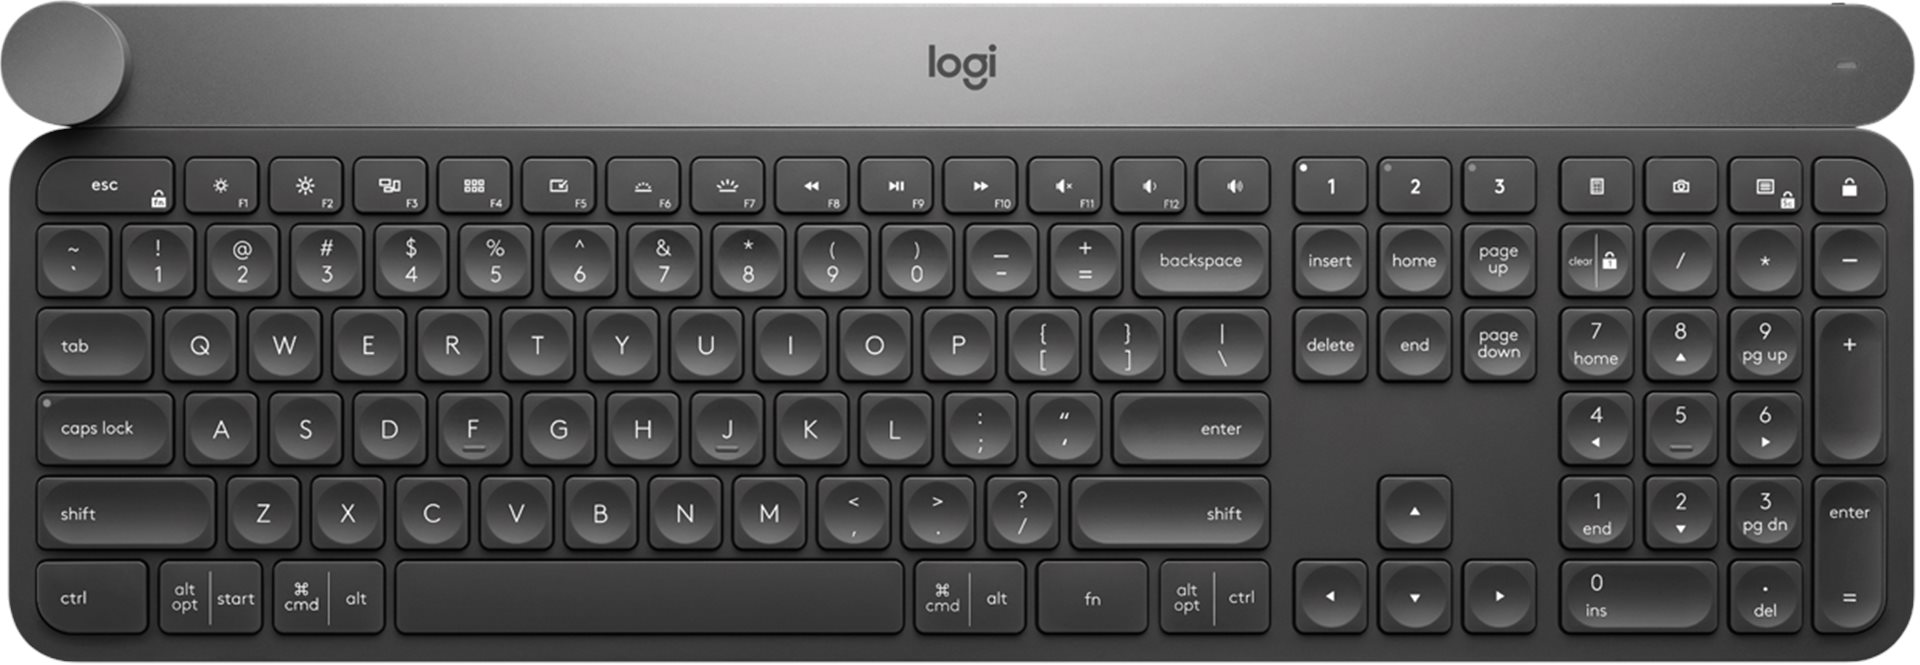 klávesnice Logitech Logitech Craft US